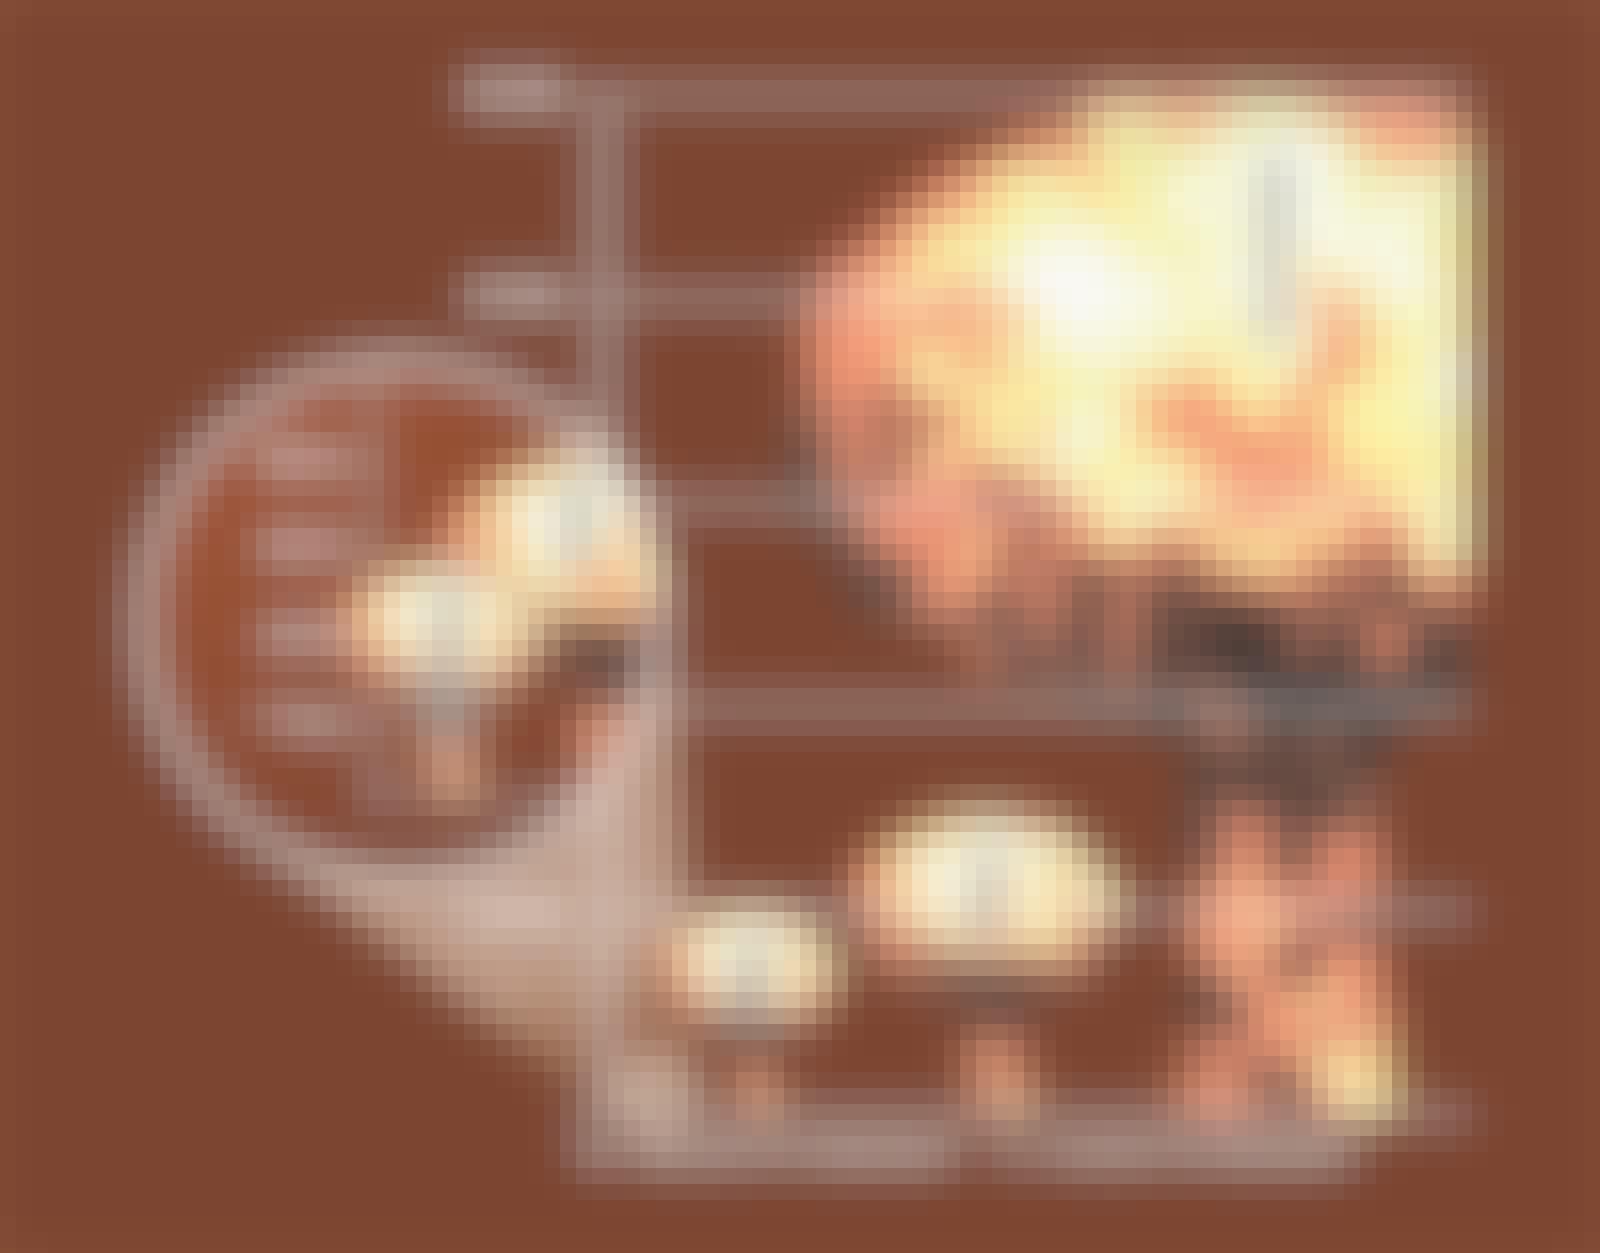 Zar-bomben i forhold til andre bomber